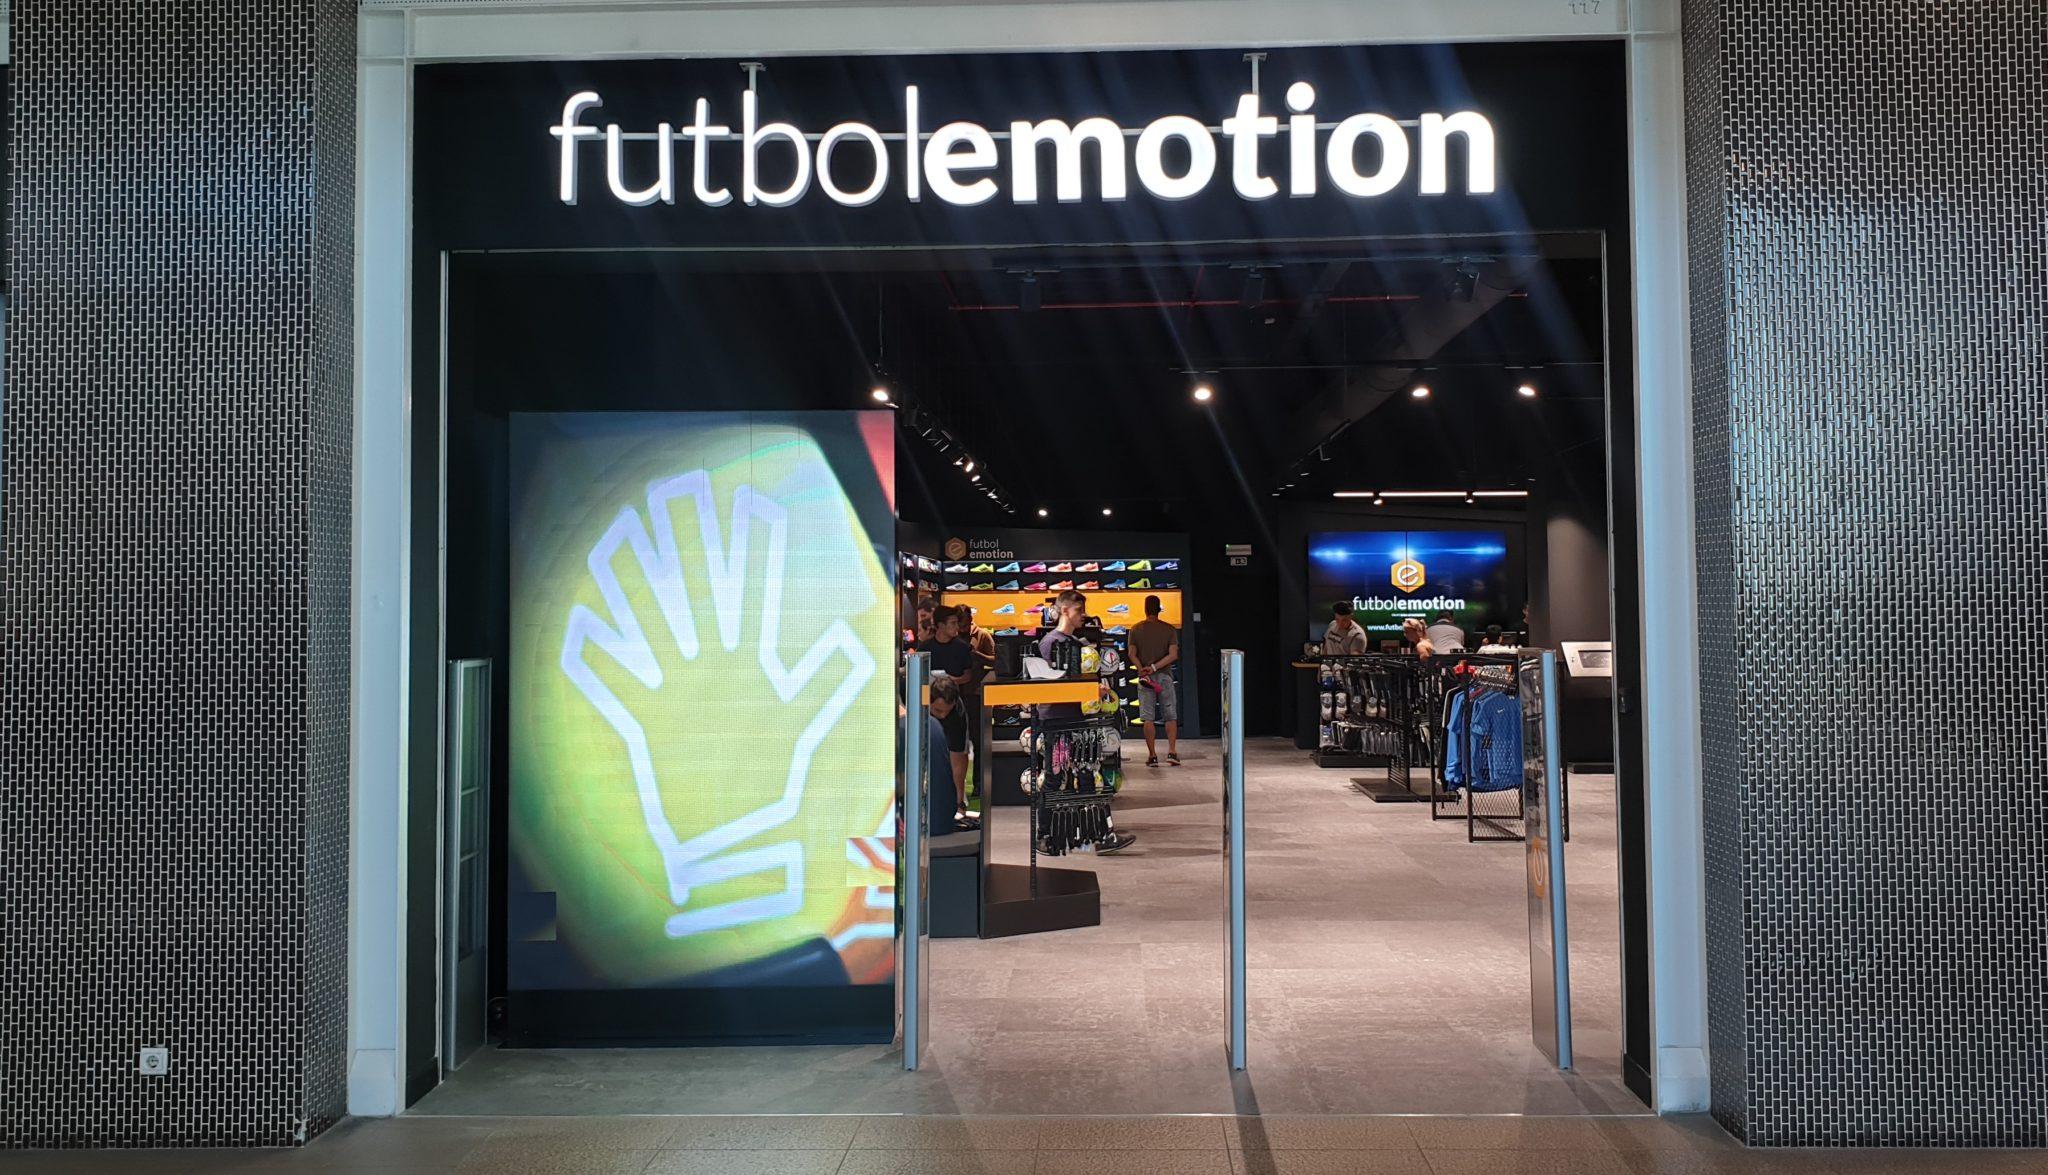 Oferta de emprego na Fútbol Emotion Loja de futebol Fútbol